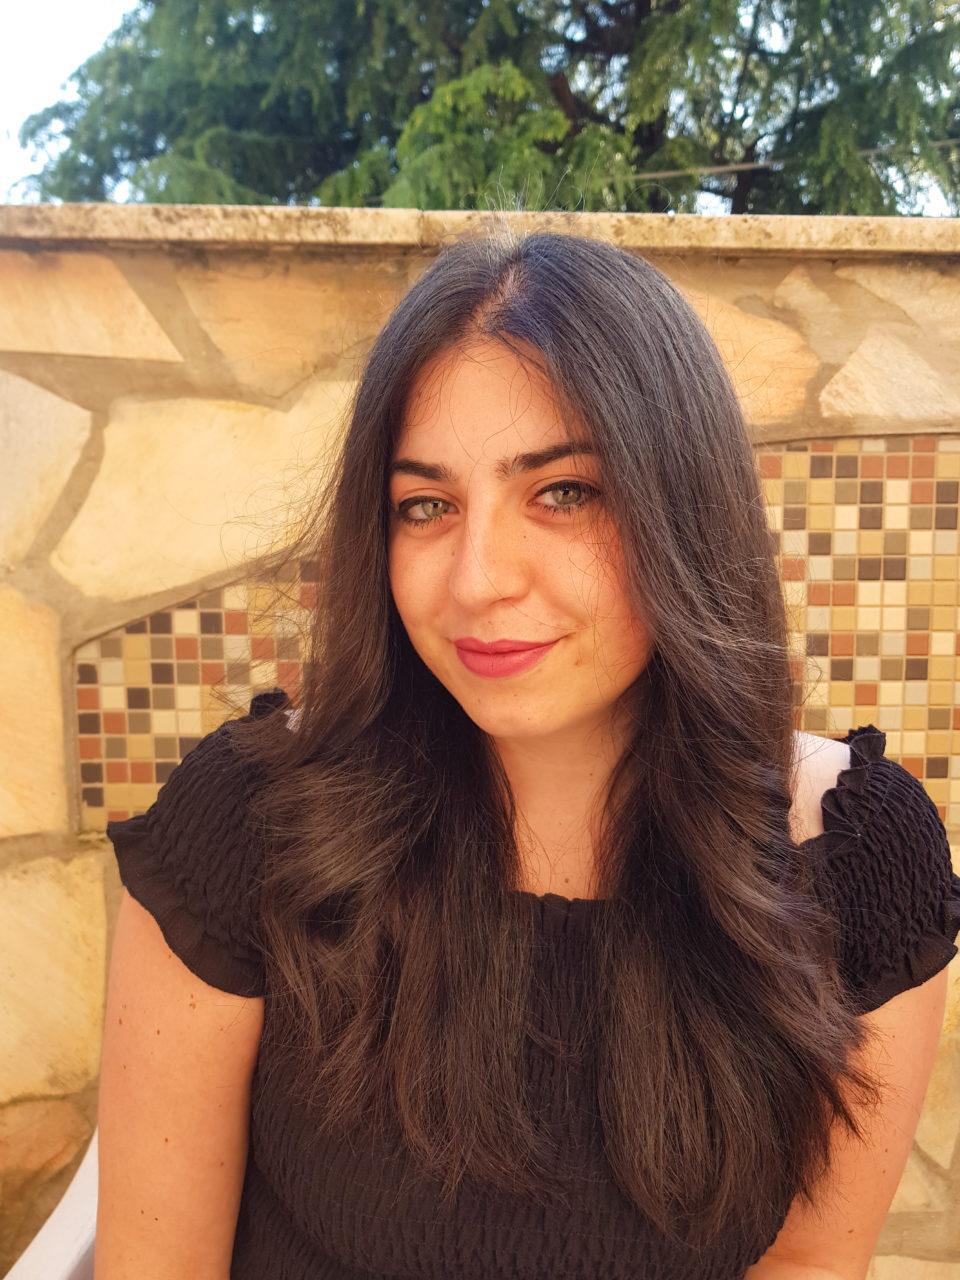 Photo of Chiara Scioni